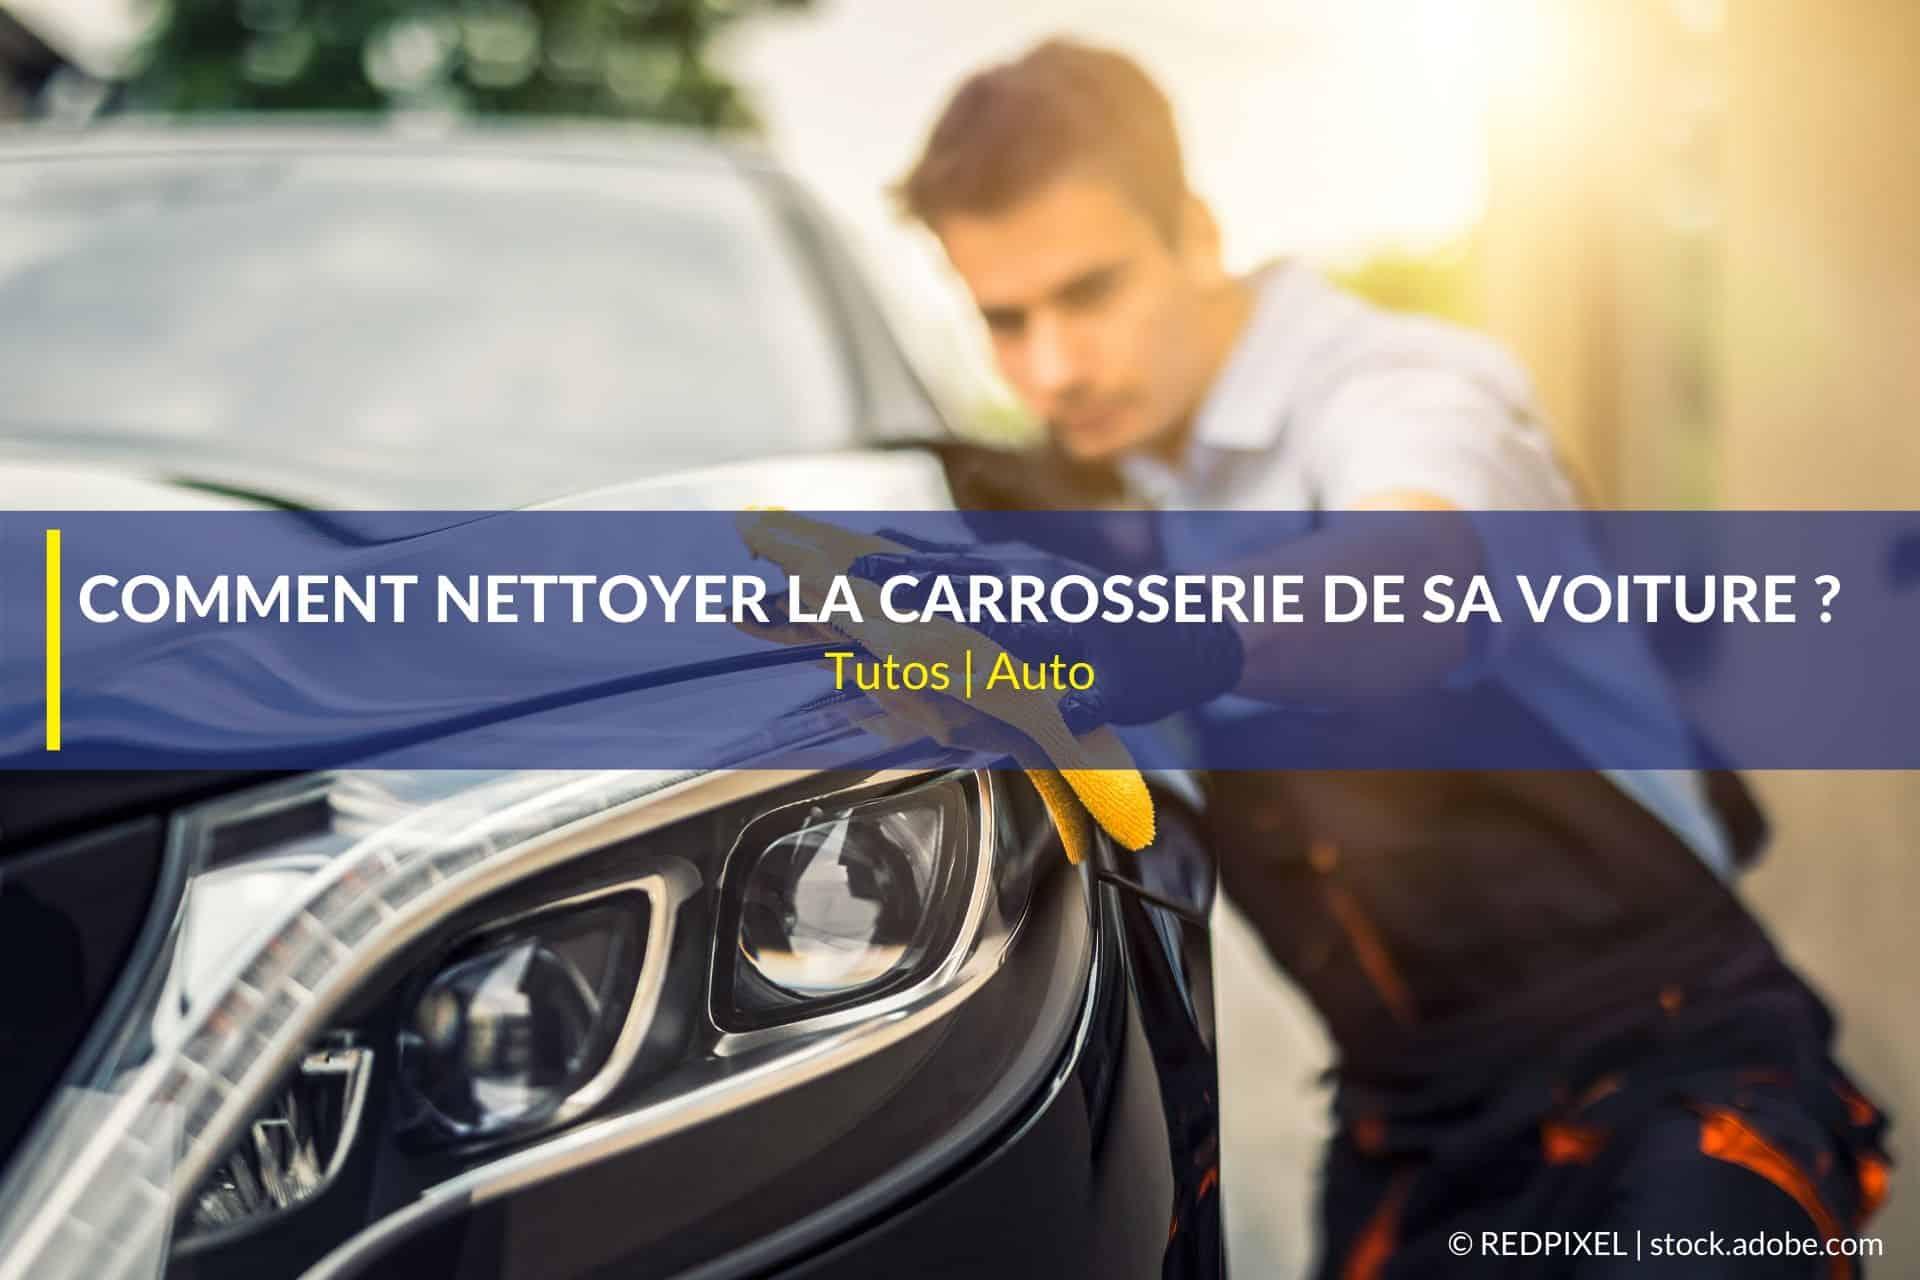 nettoyer carrosserie voiture (1)